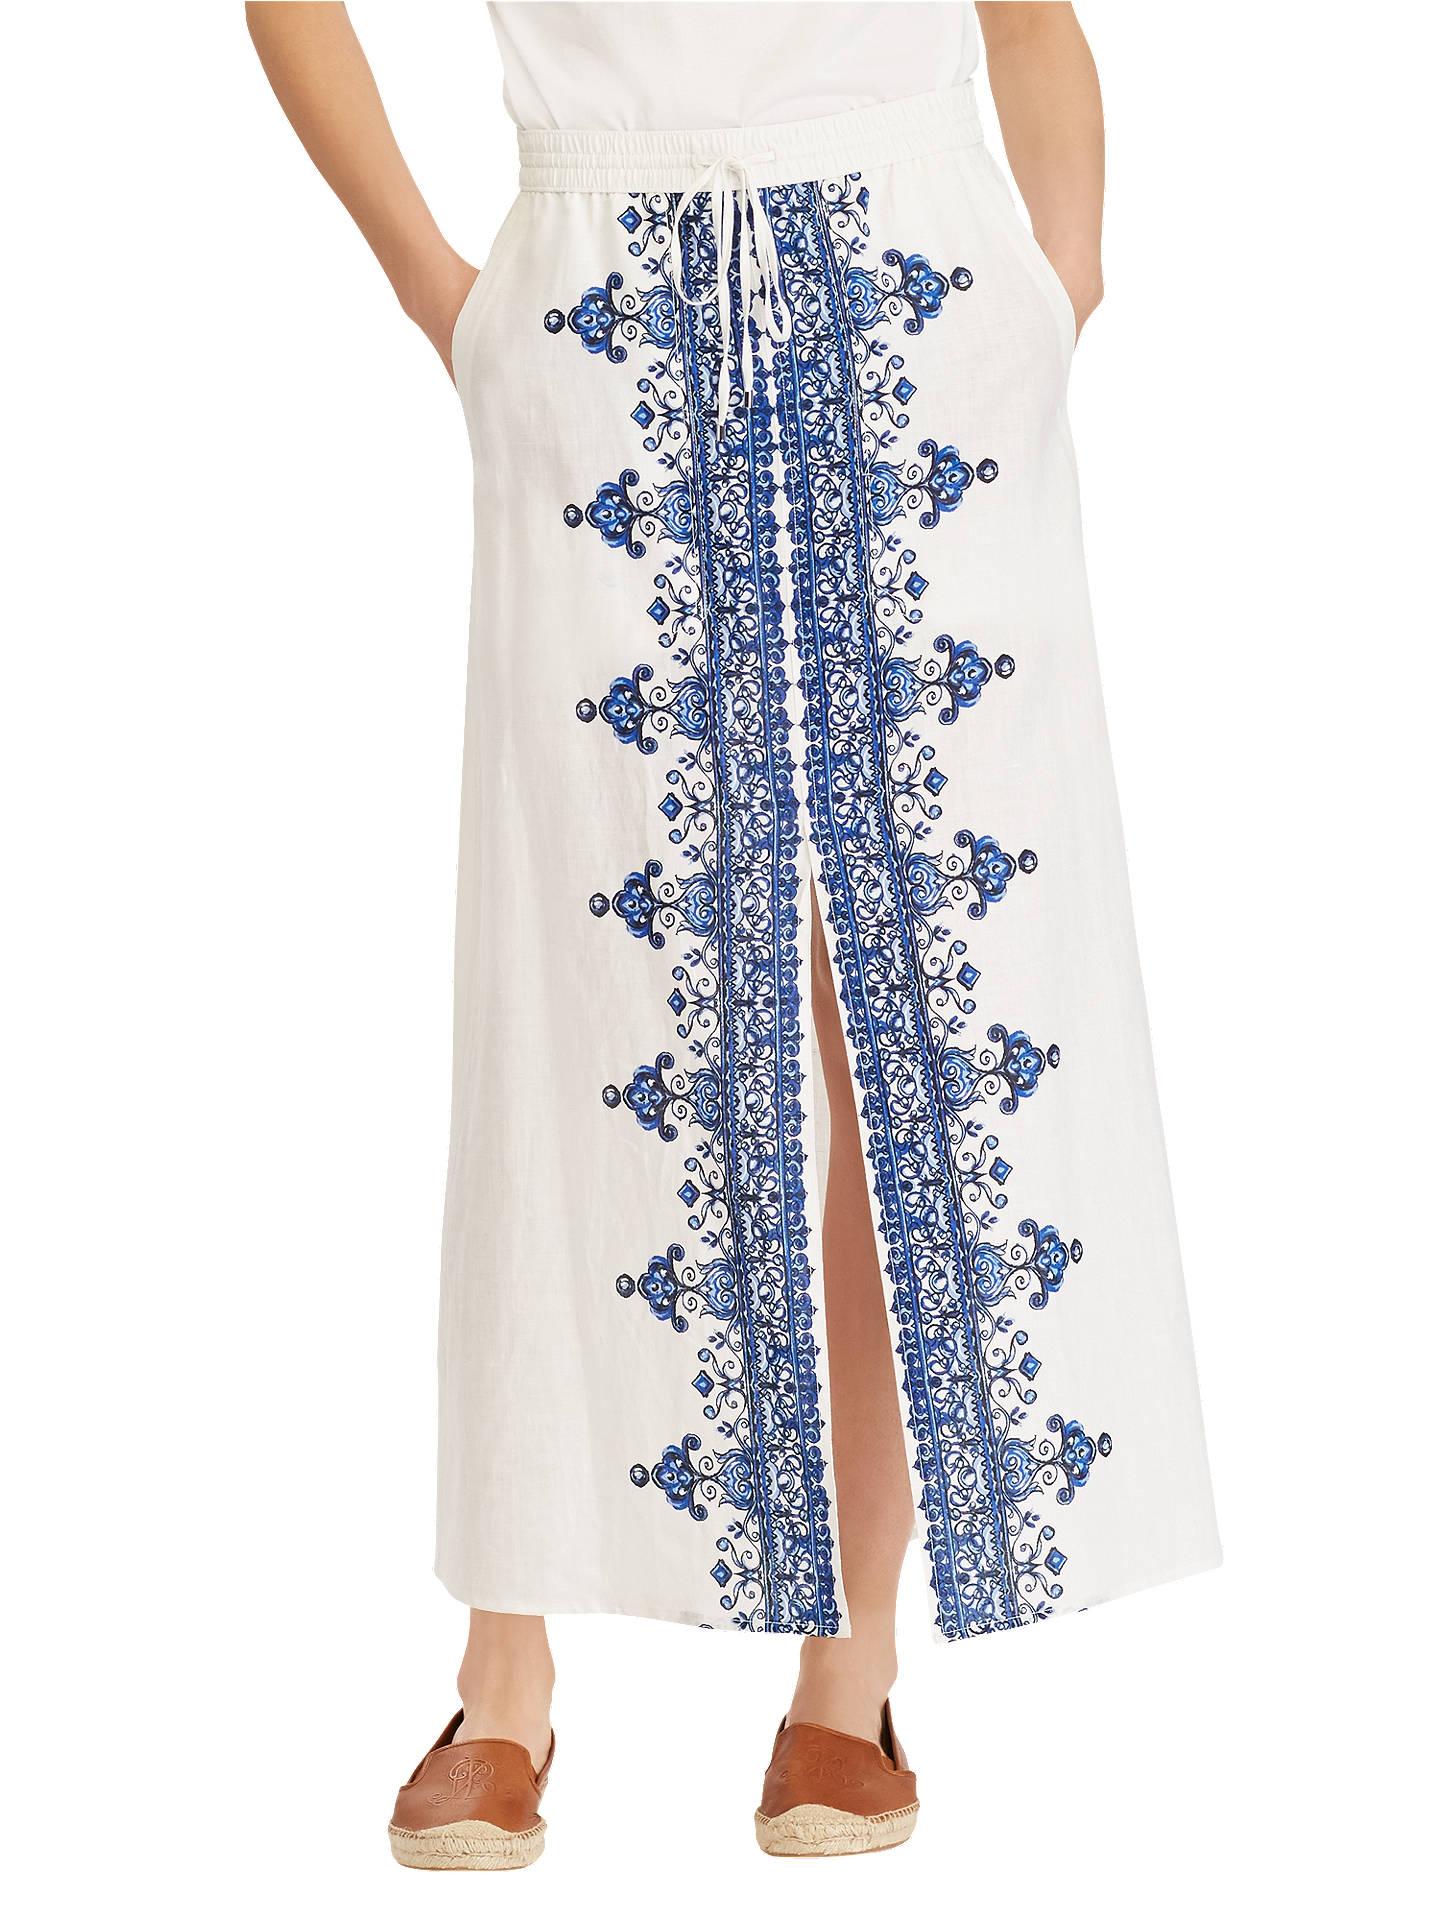 0ca4ce4cf0 Buy Lauren Ralph Lauren Orela Skirt